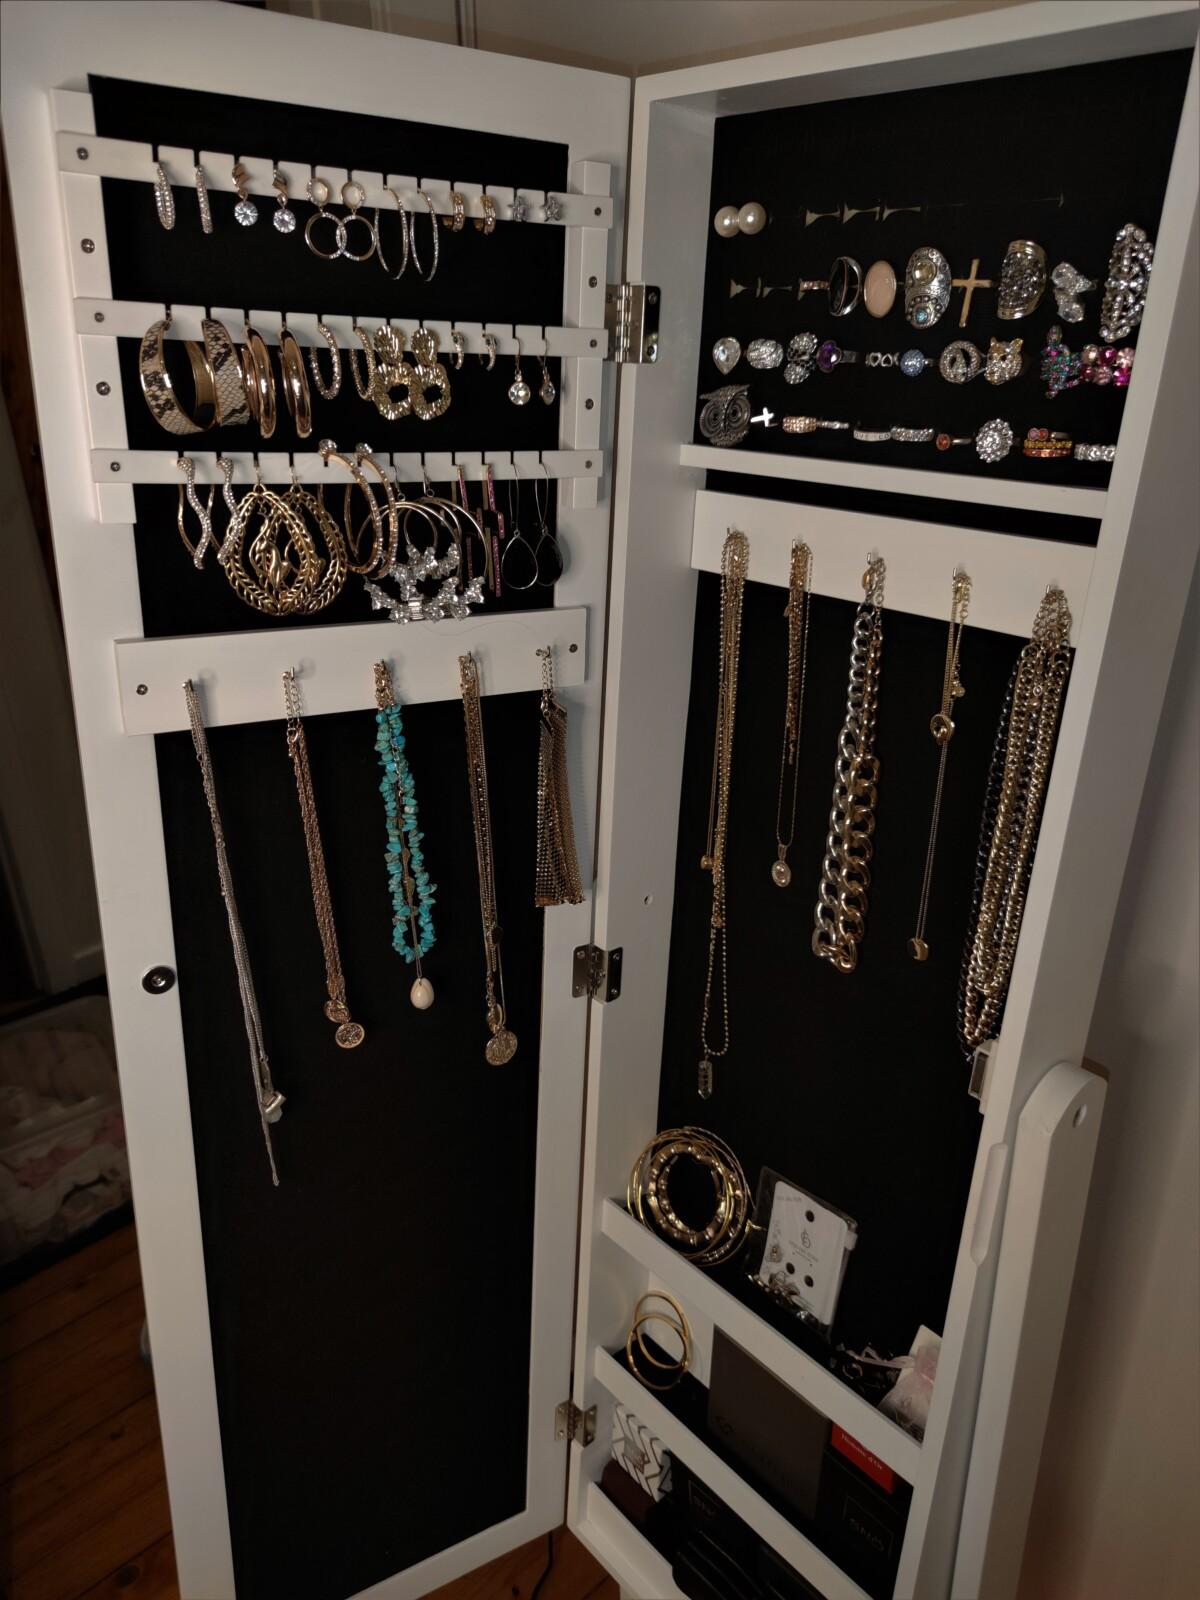 smykker-smykkeskap-smykkestav-smykkestativ-smykkeskrin-smykkeholder-smykke-smykketre-klokker-armbånd-ankelsmykker-ringer-gull-sølv-guess-louisvuitton-heuer-dg-neckontheline-smykkeoppbevaring-oppbevaring-isalicious-isalicious1-isalicious.blogg.no